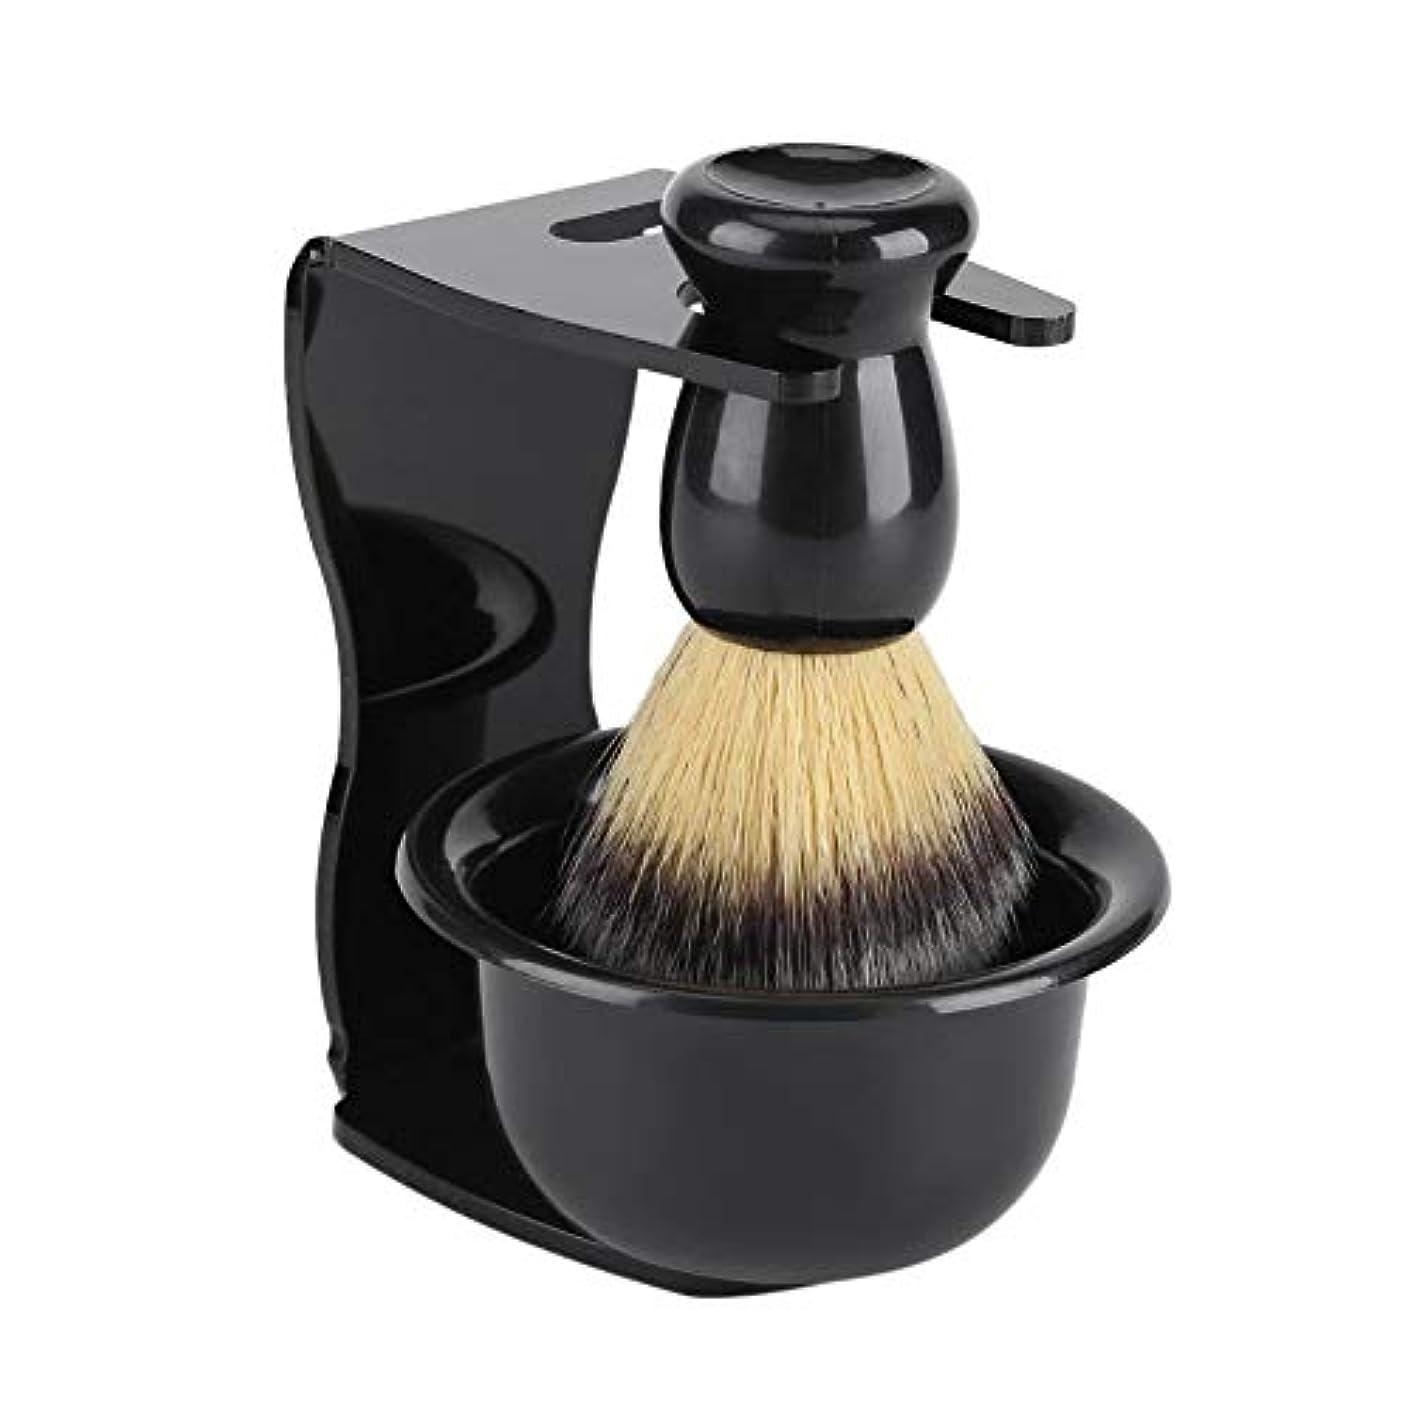 未就学近所の名目上の3セットひげブラシ シェービングブラシ プレゼントシェービングブラシセット プラシスタンド 石鹸ボウル 理容 洗顔 髭剃り